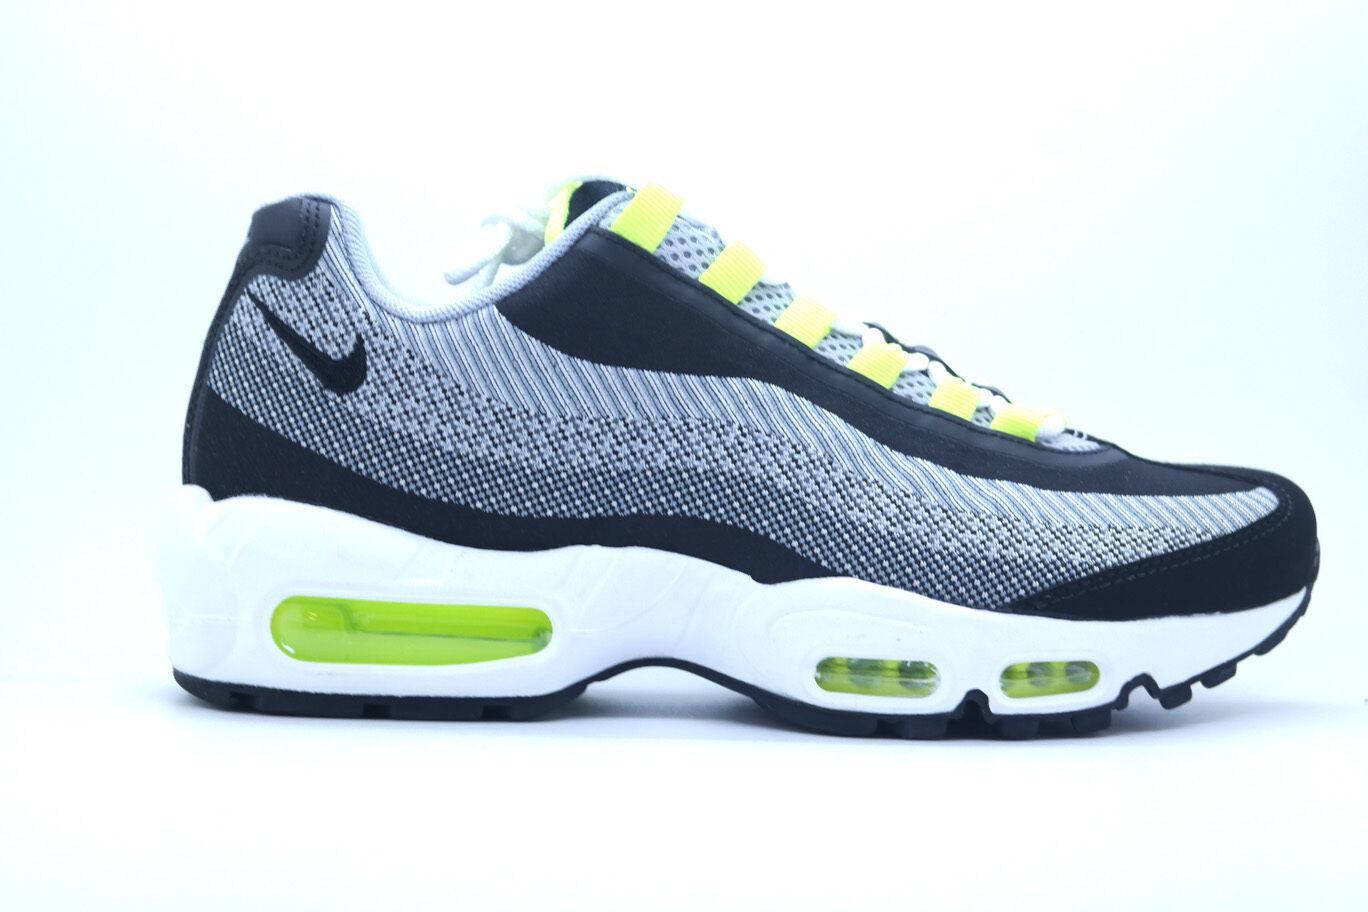 Nike air max 95 Uomo jcrd Uomo 95 tennis nikedrk gry / blck-wlf gry-whtm 95e21c